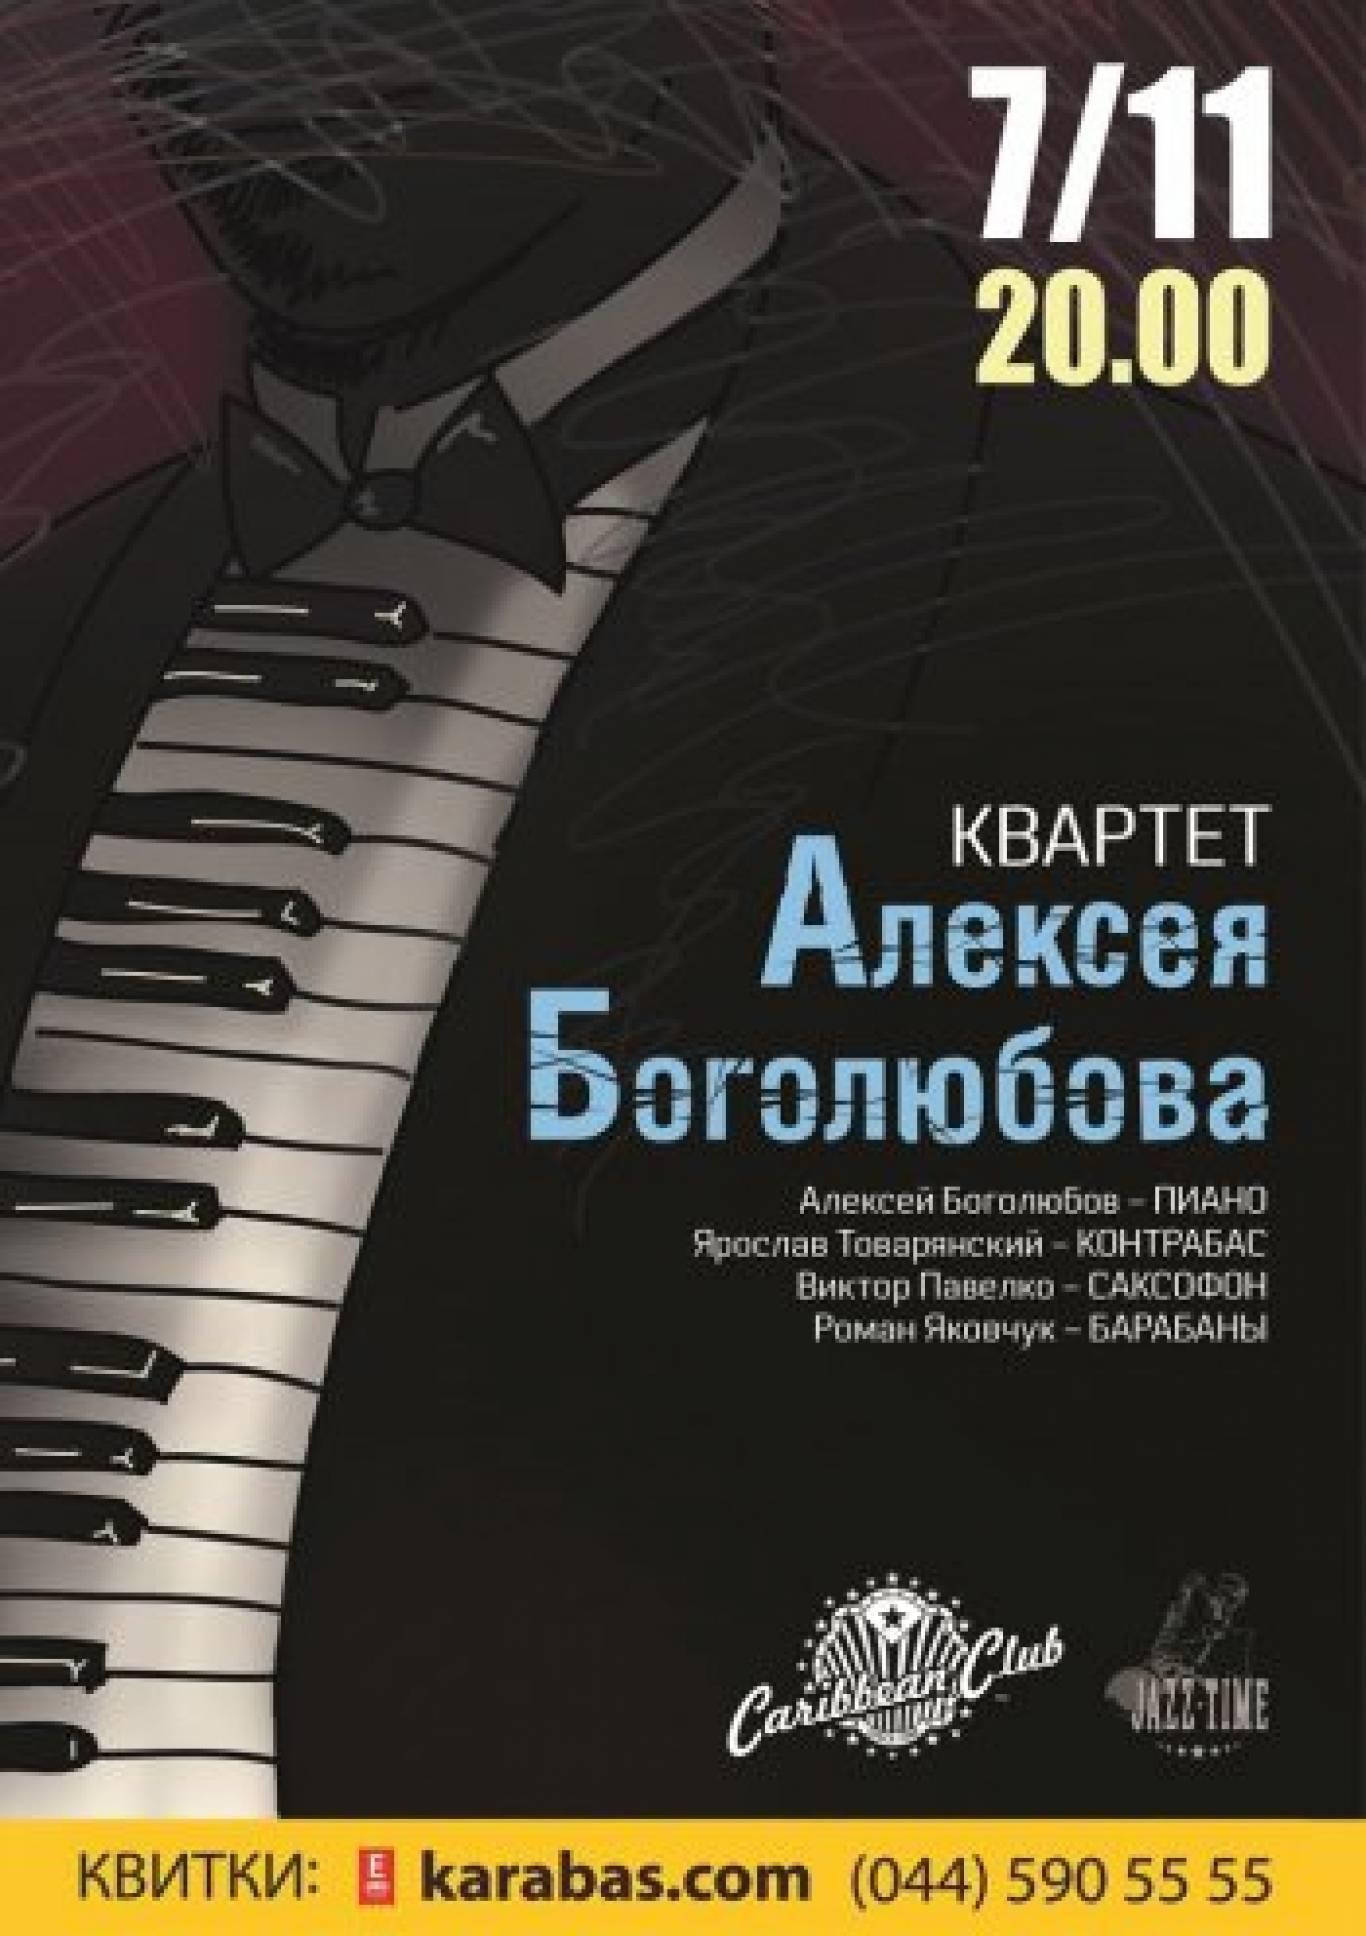 Концерт пианиста Алексея Боголюбова